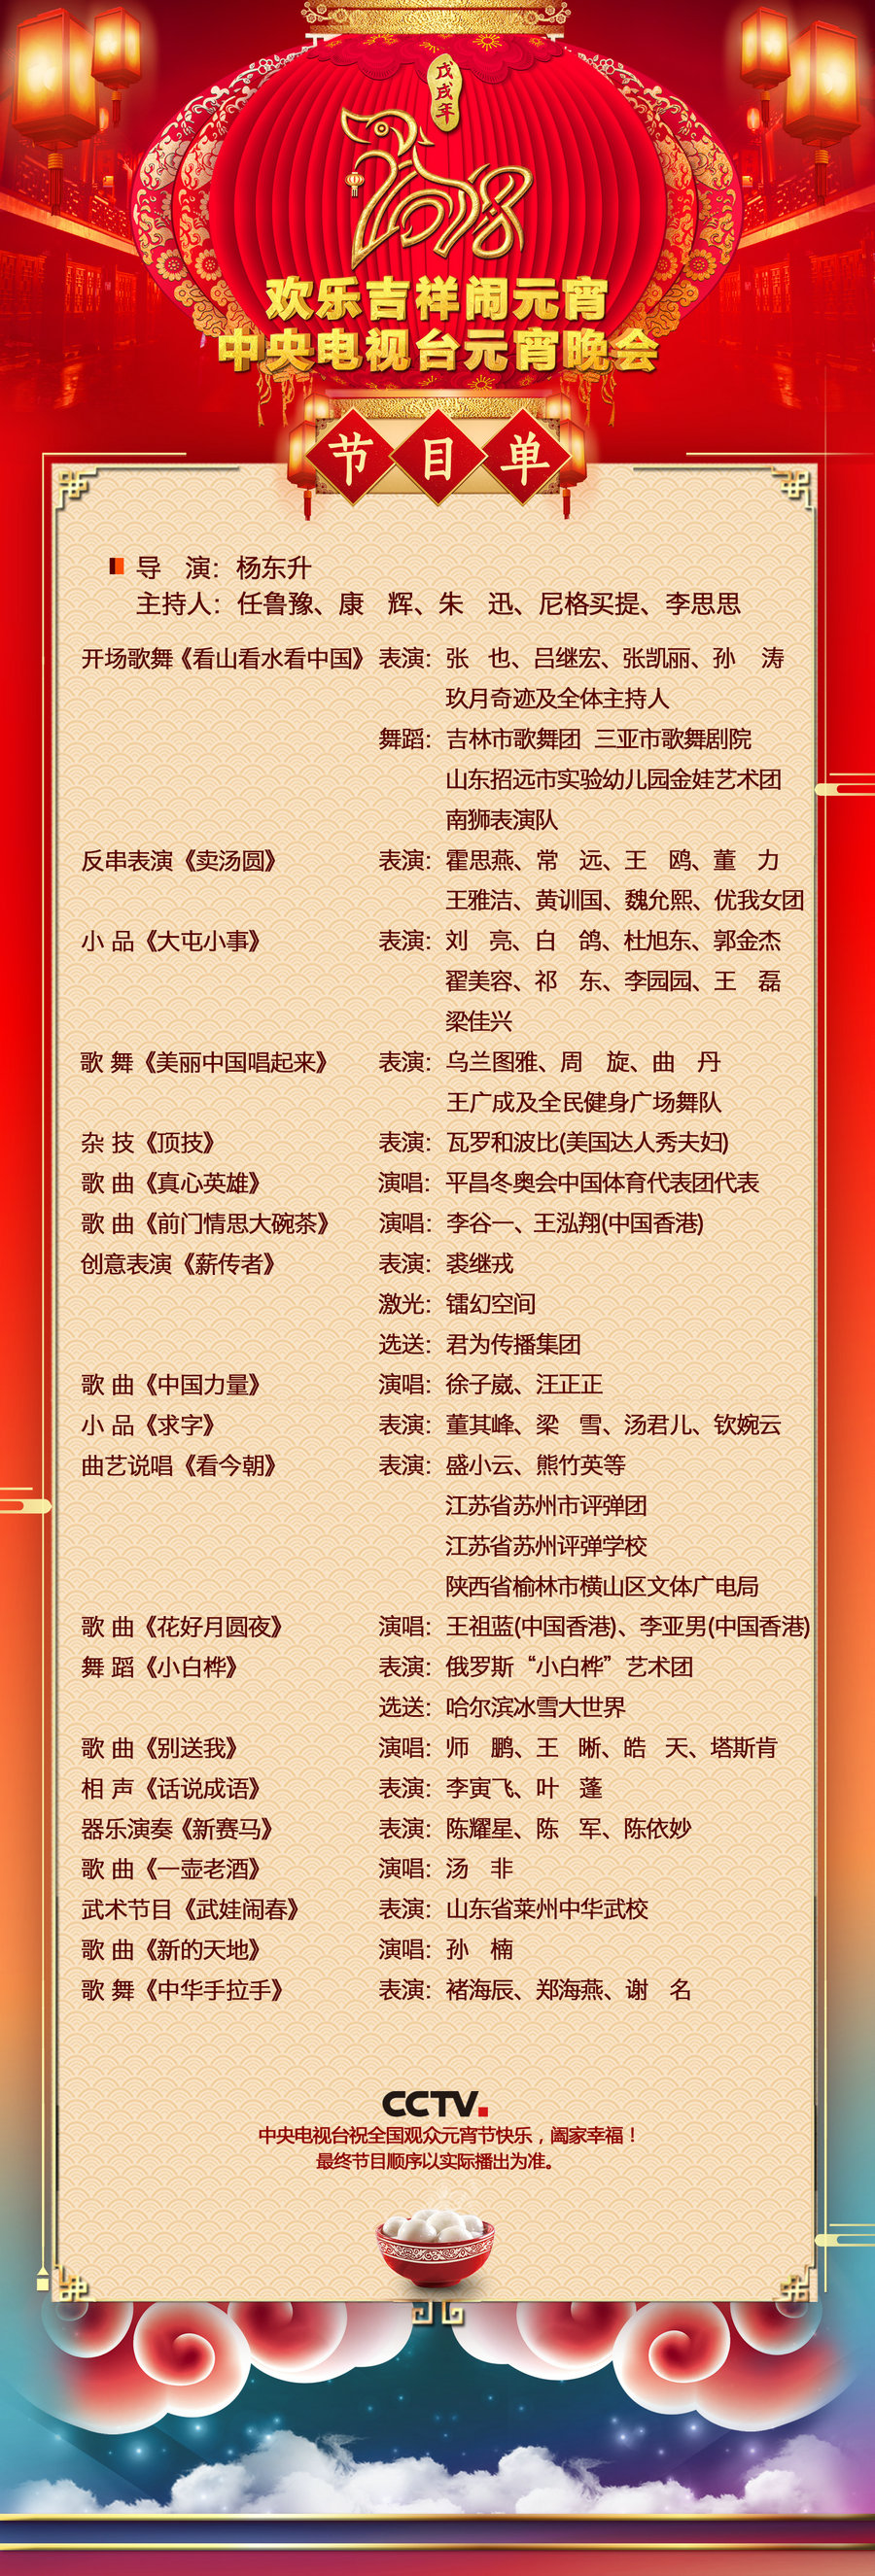 央视元宵晚会唱响大美中国 武大靖领衔冬奥健儿献唱